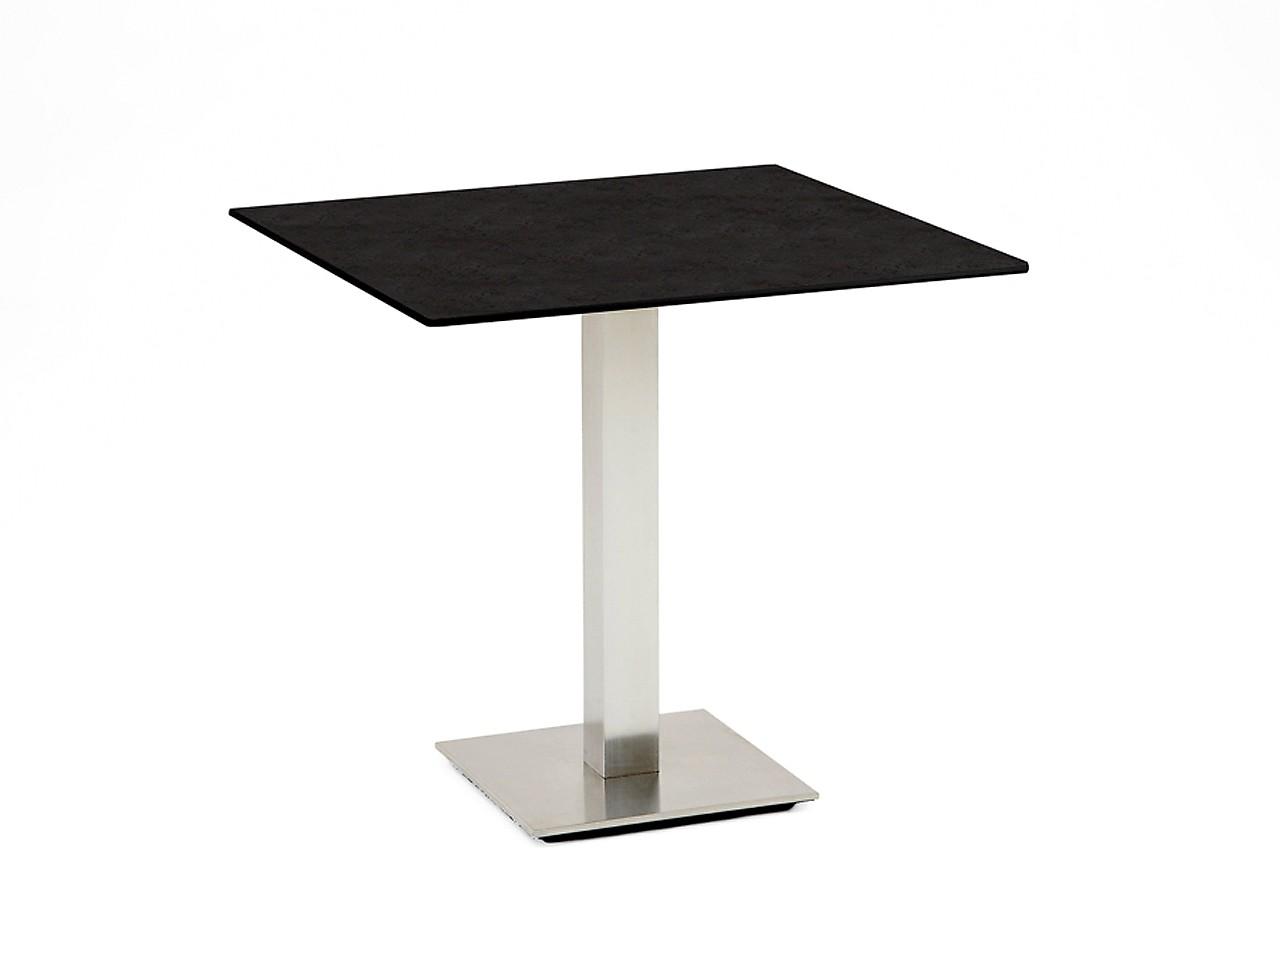 Niehoff Tisch Bistro quadratisch G513.006.001 68x68 cm Granit